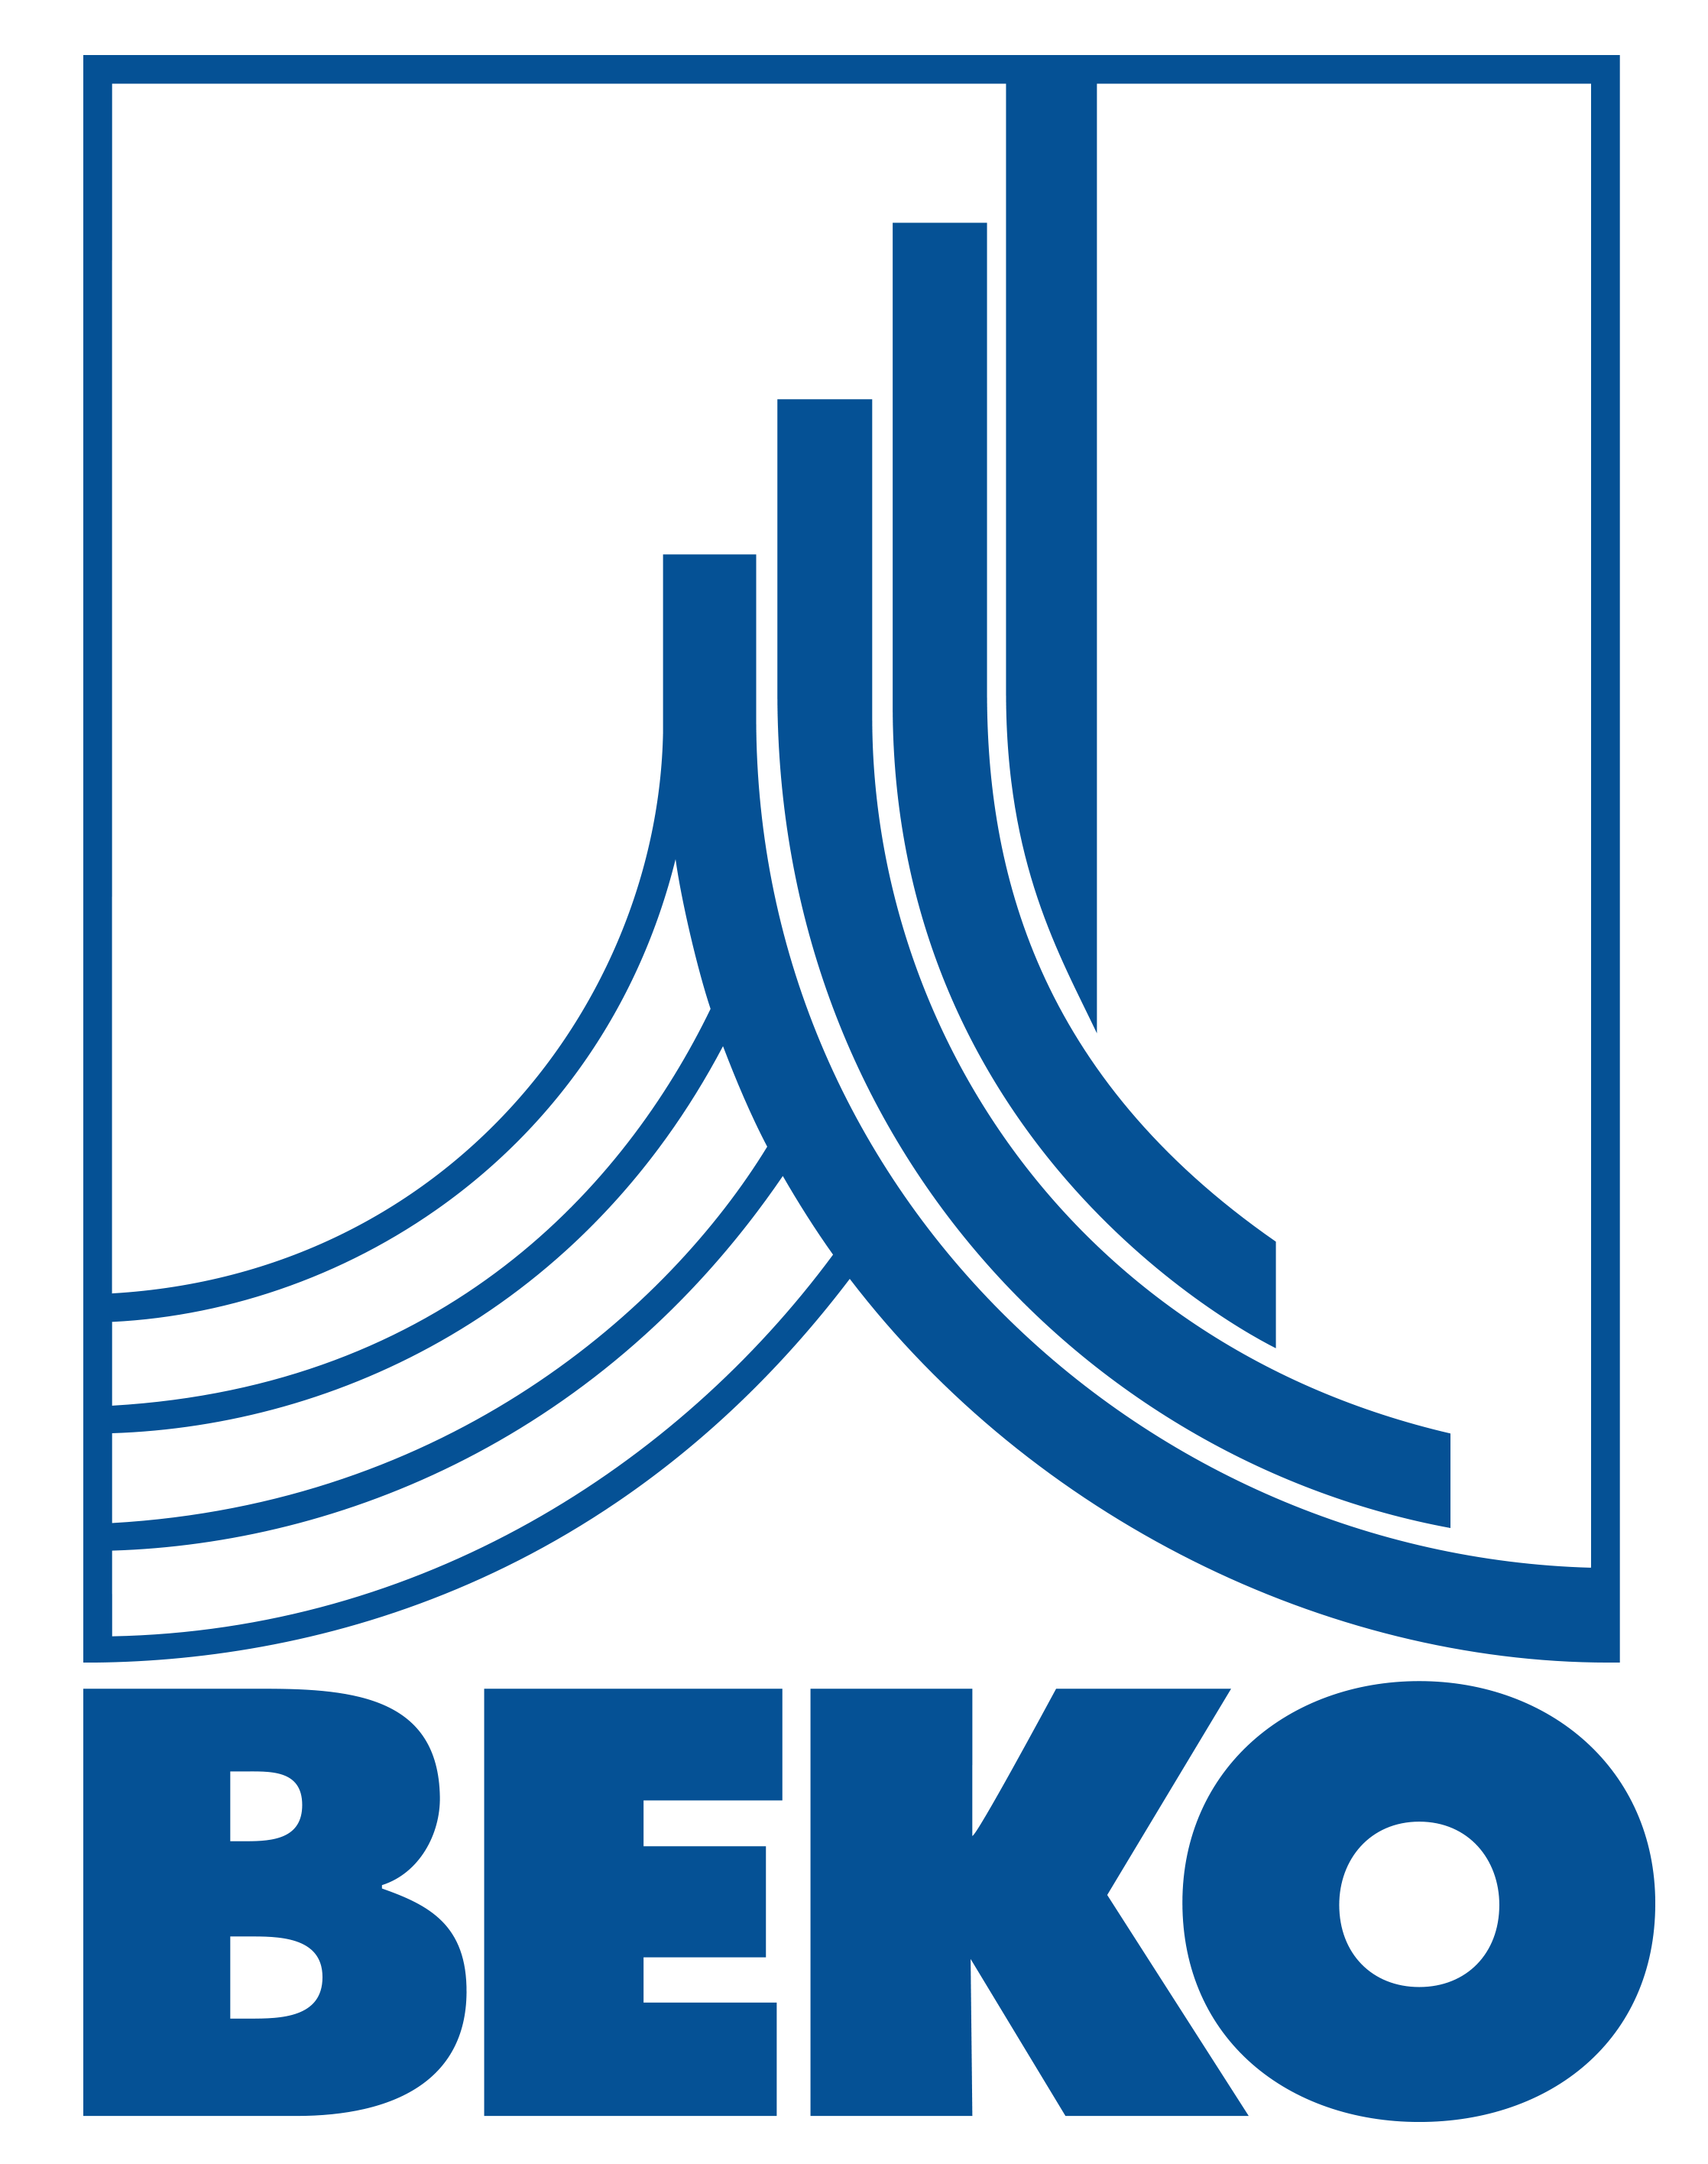 Beko Logo PNG.